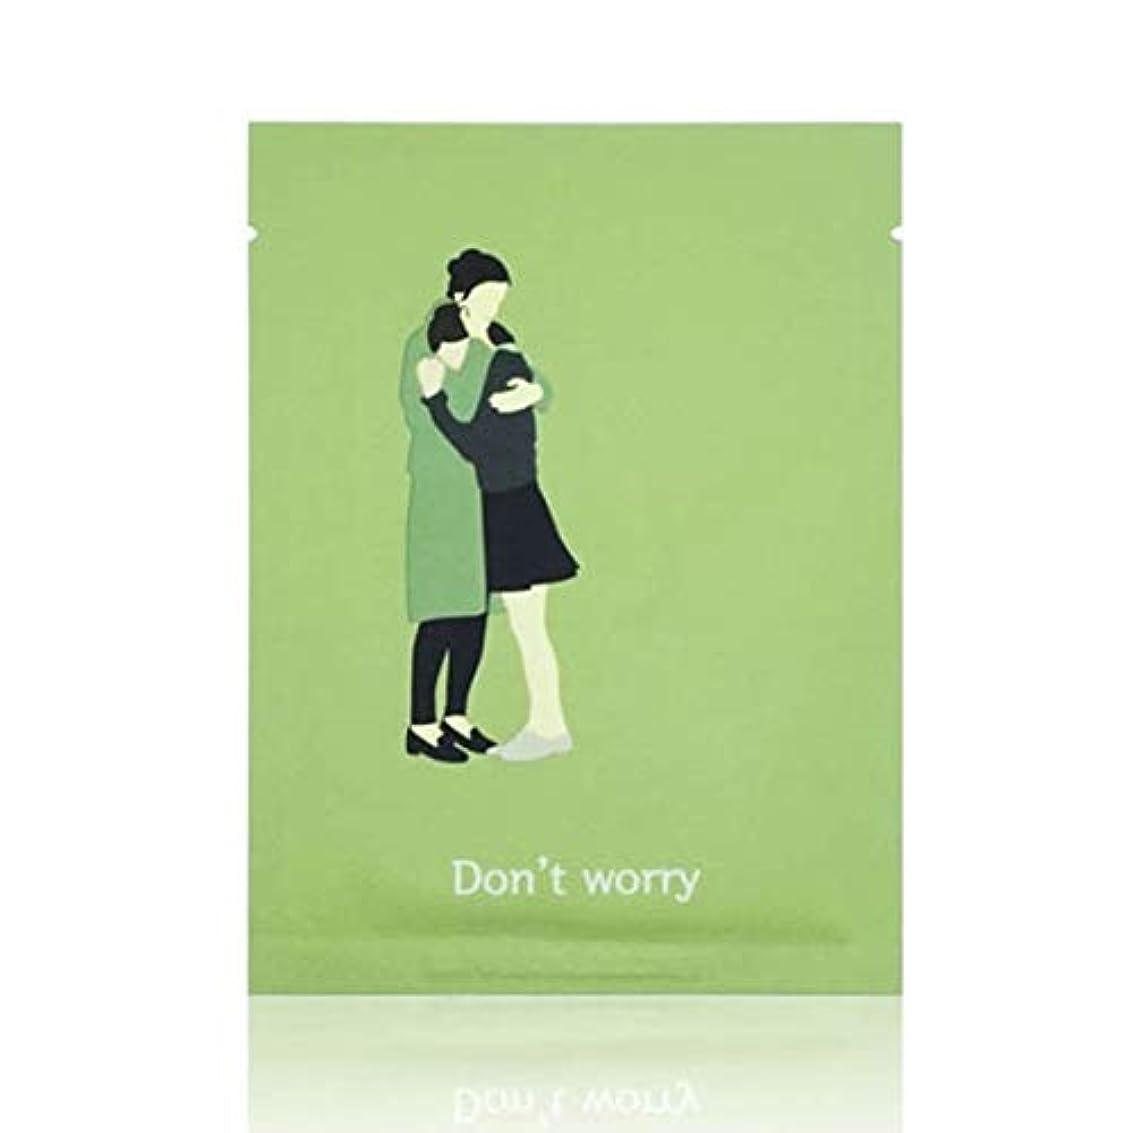 貧困ラベダイヤル【PACKAGE】Don't Worry Healing Mask 10ea ヒーリング?スージングマスクパック(10枚入り)韓国 美白 セット 顔 保湿 モイスト ランキング シート 毎日 おすすめ